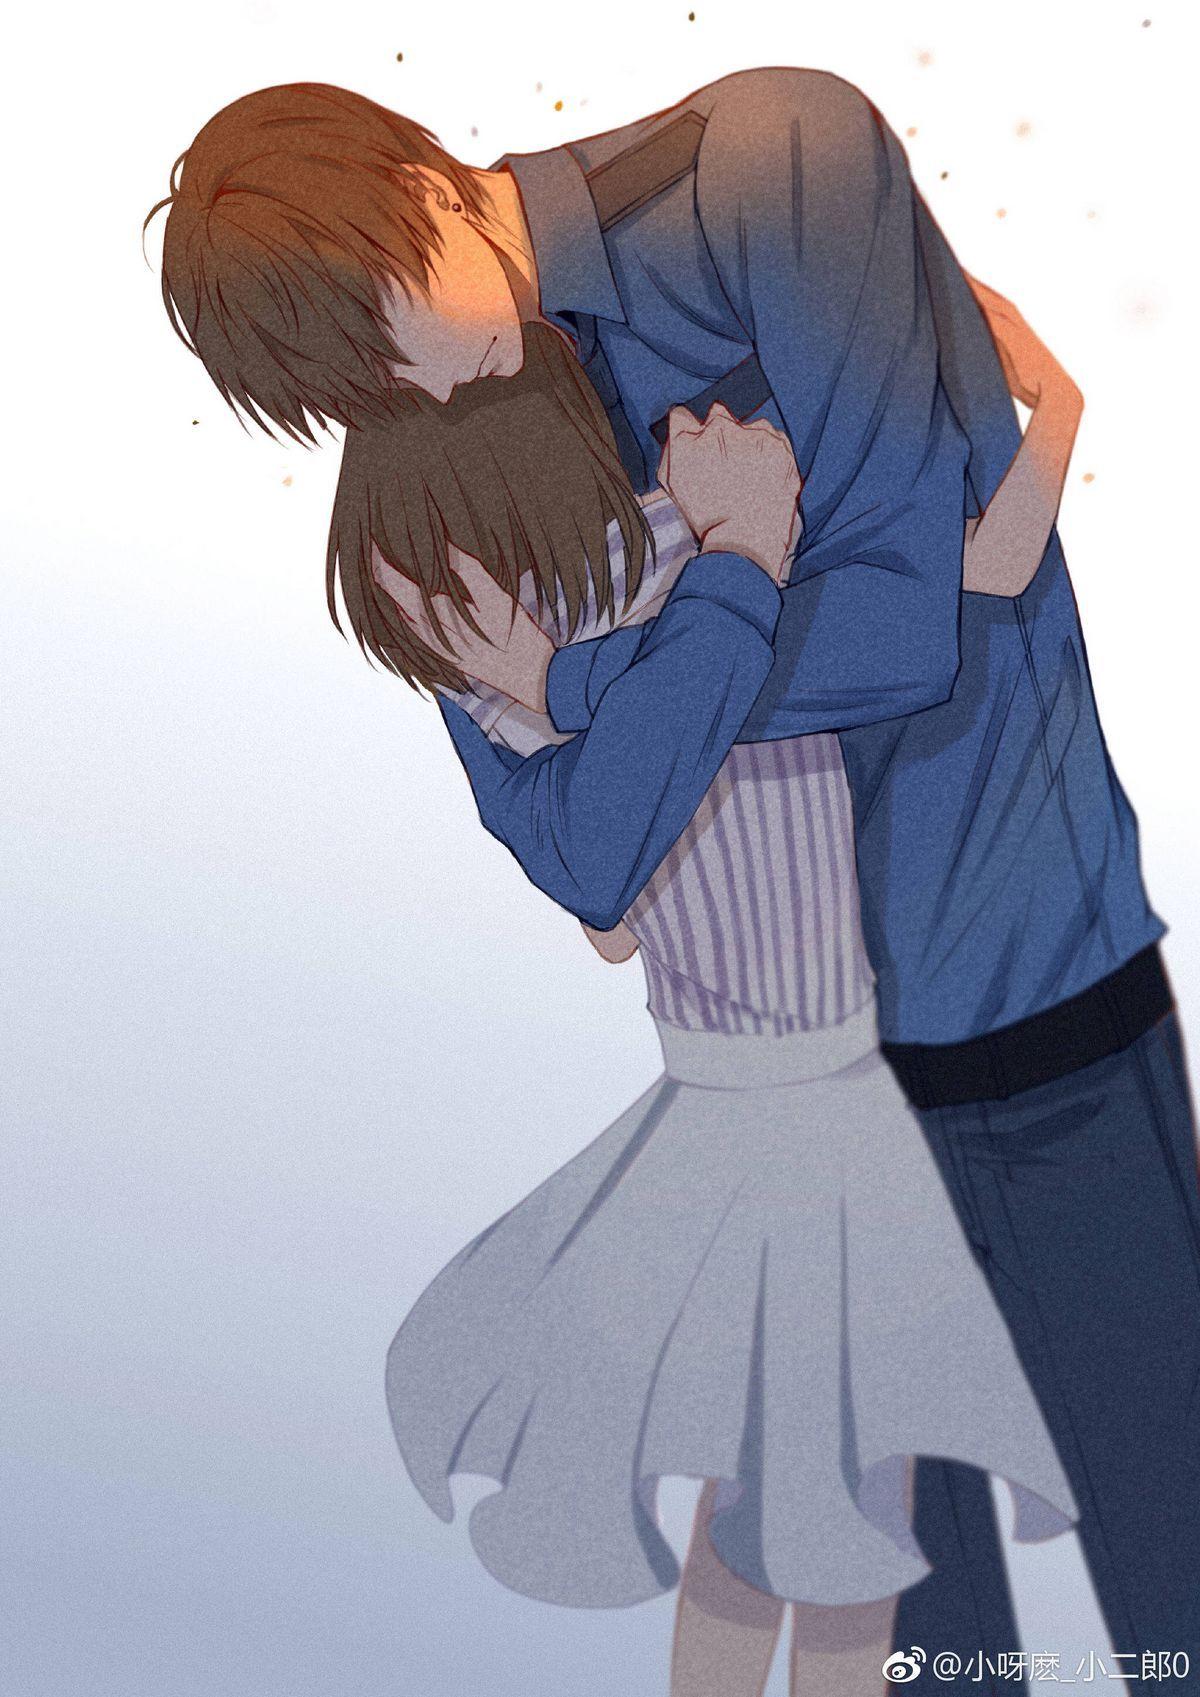 Anime couple hug wallpaper